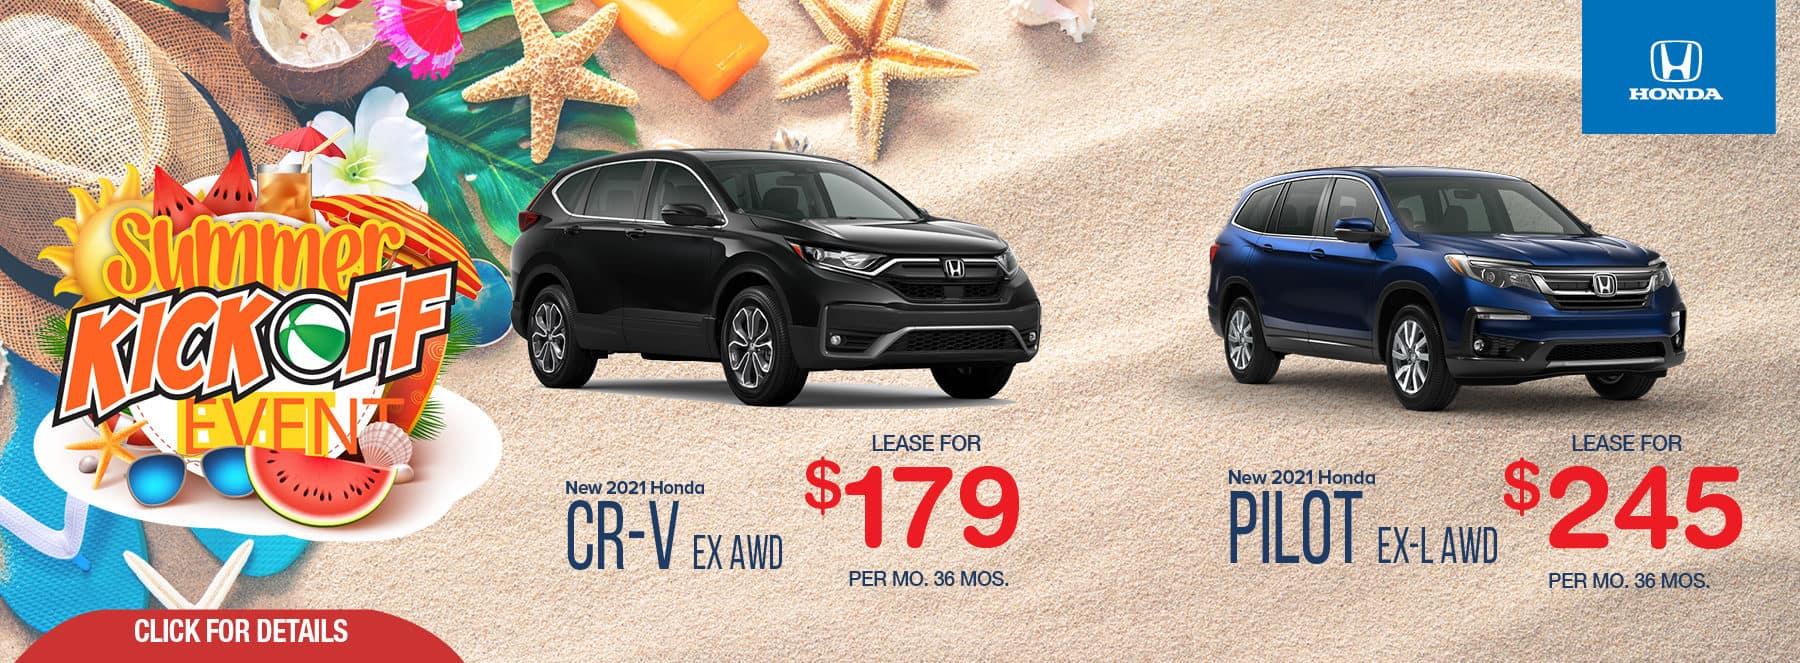 SUV MetHon-1226 JUNE website banner FCBK posting ads 845×121, 600×400, 600×60029